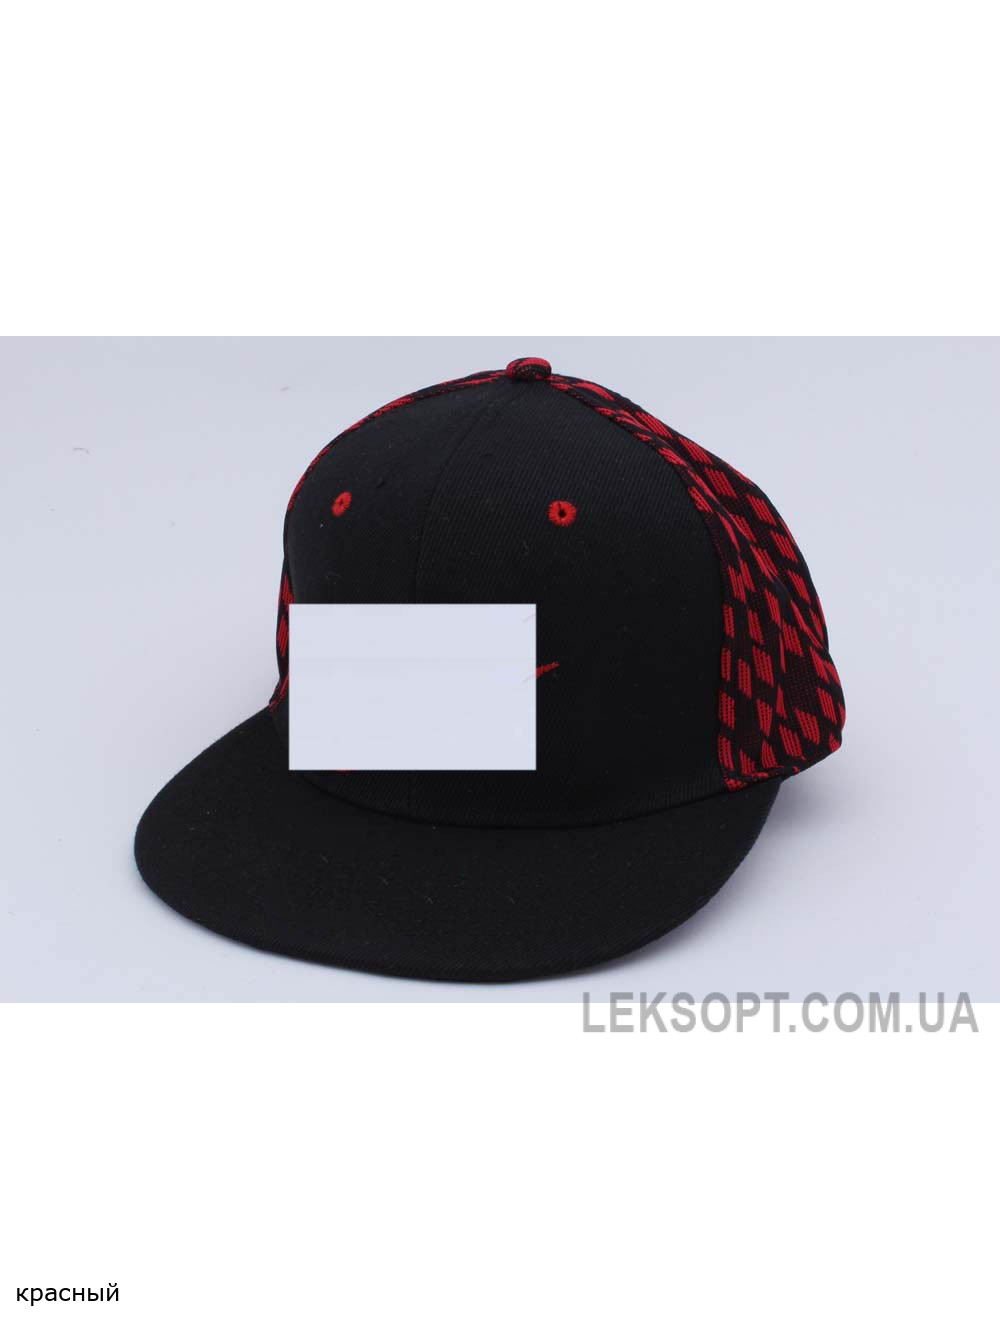 Rap - sp29536-56-60